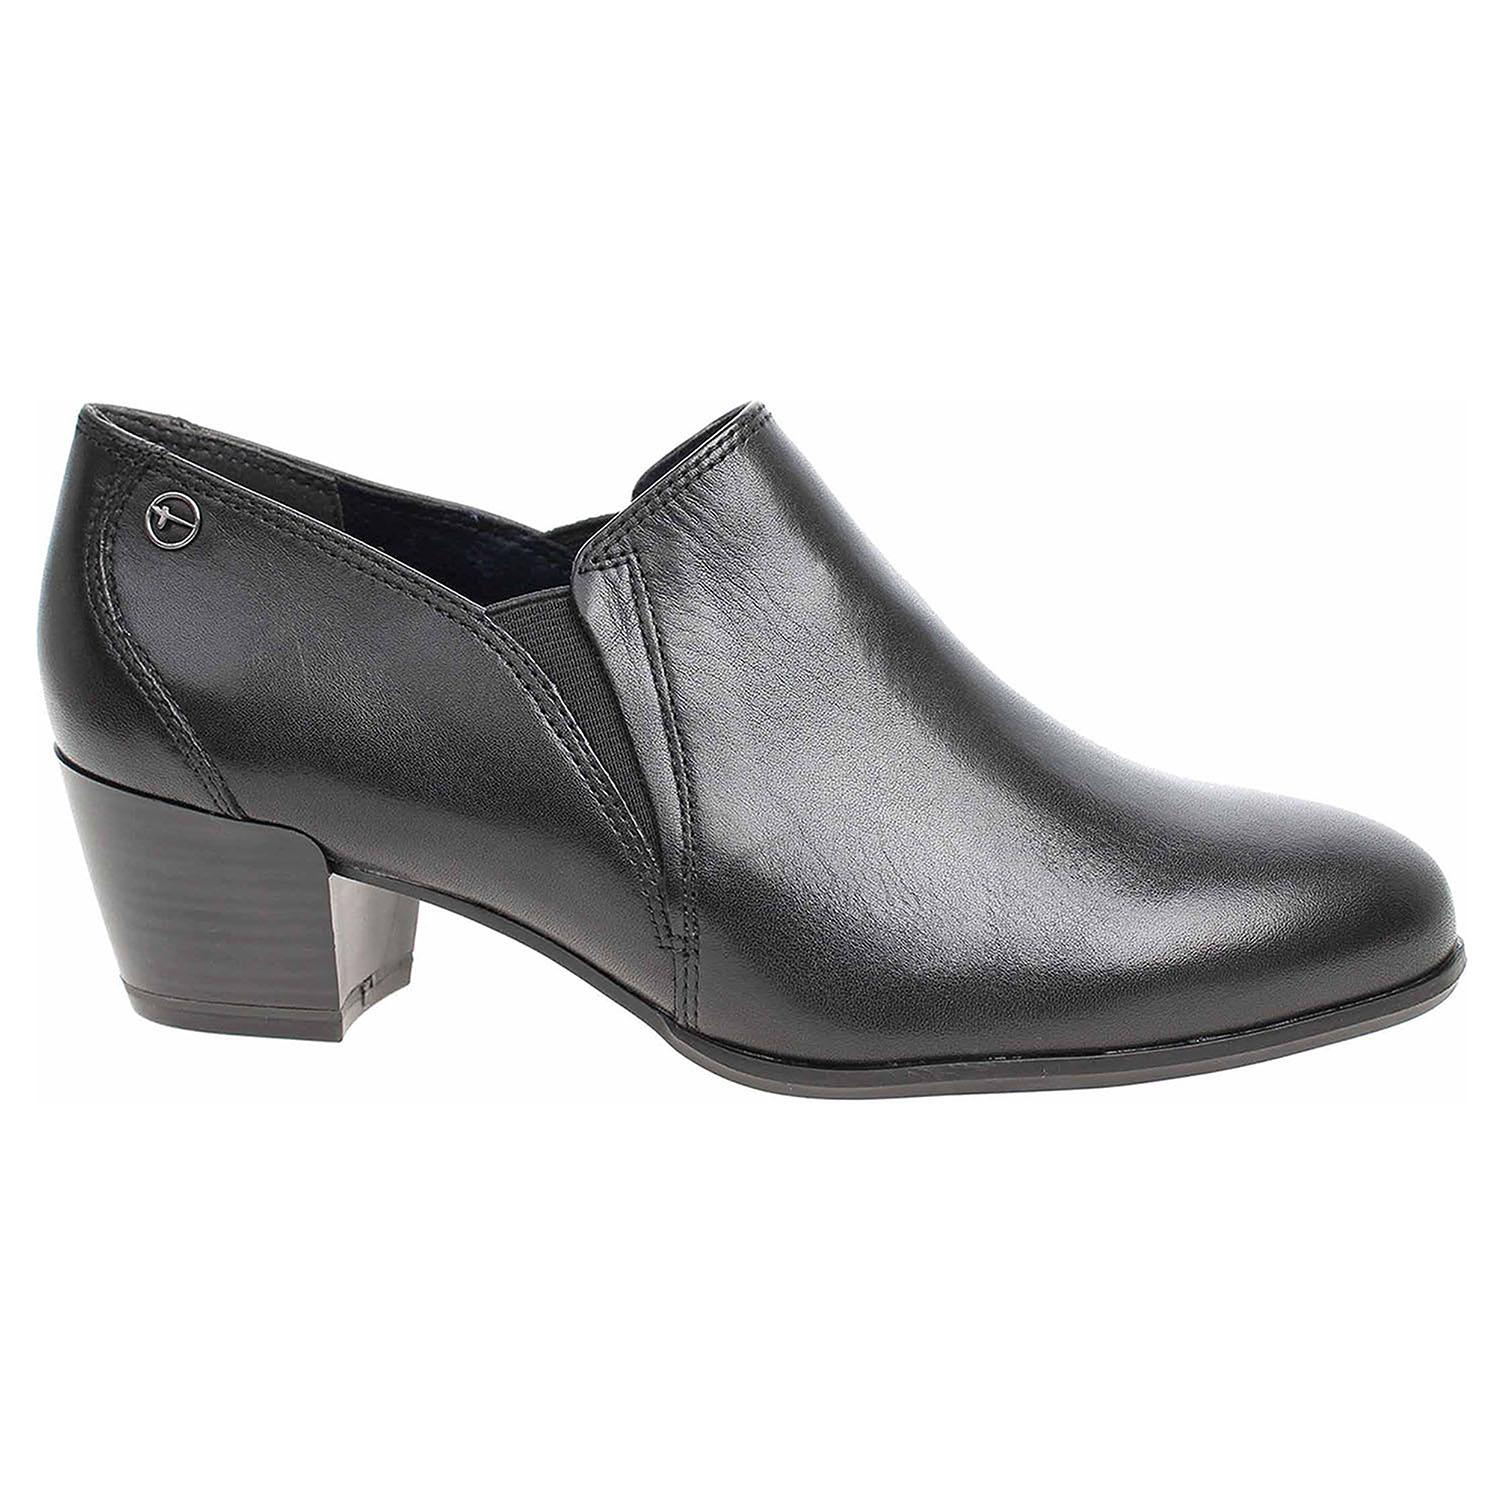 Dámská obuv Tamaris 1-24400-23 black 1-1-24400-23 001 37